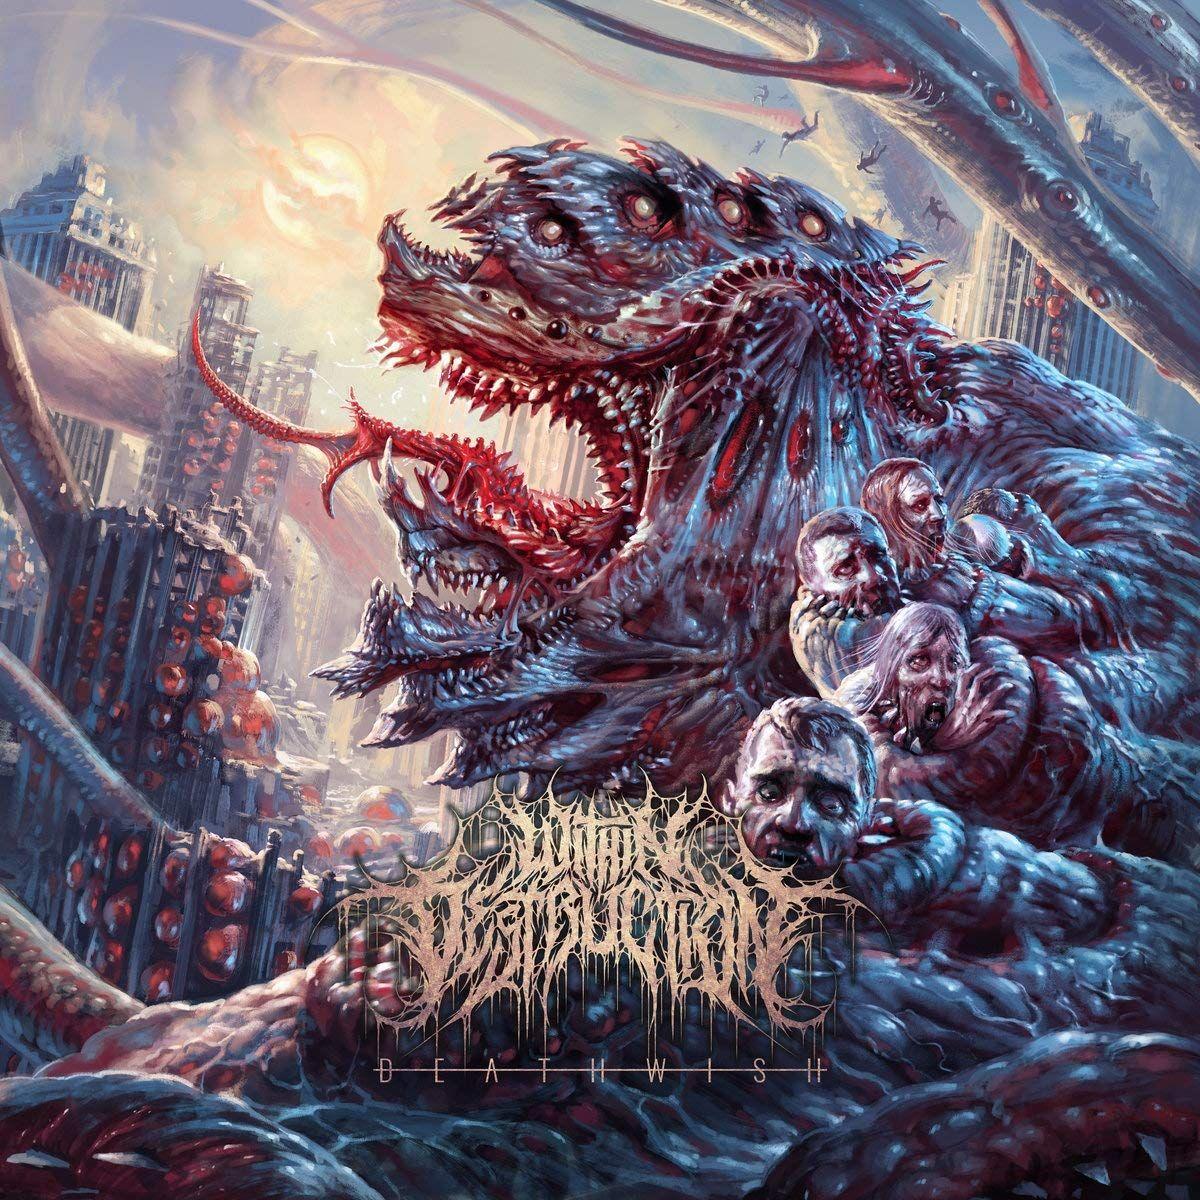 Deathwish Deathwish Metallkunstwerk Schwarzes Metall Metall